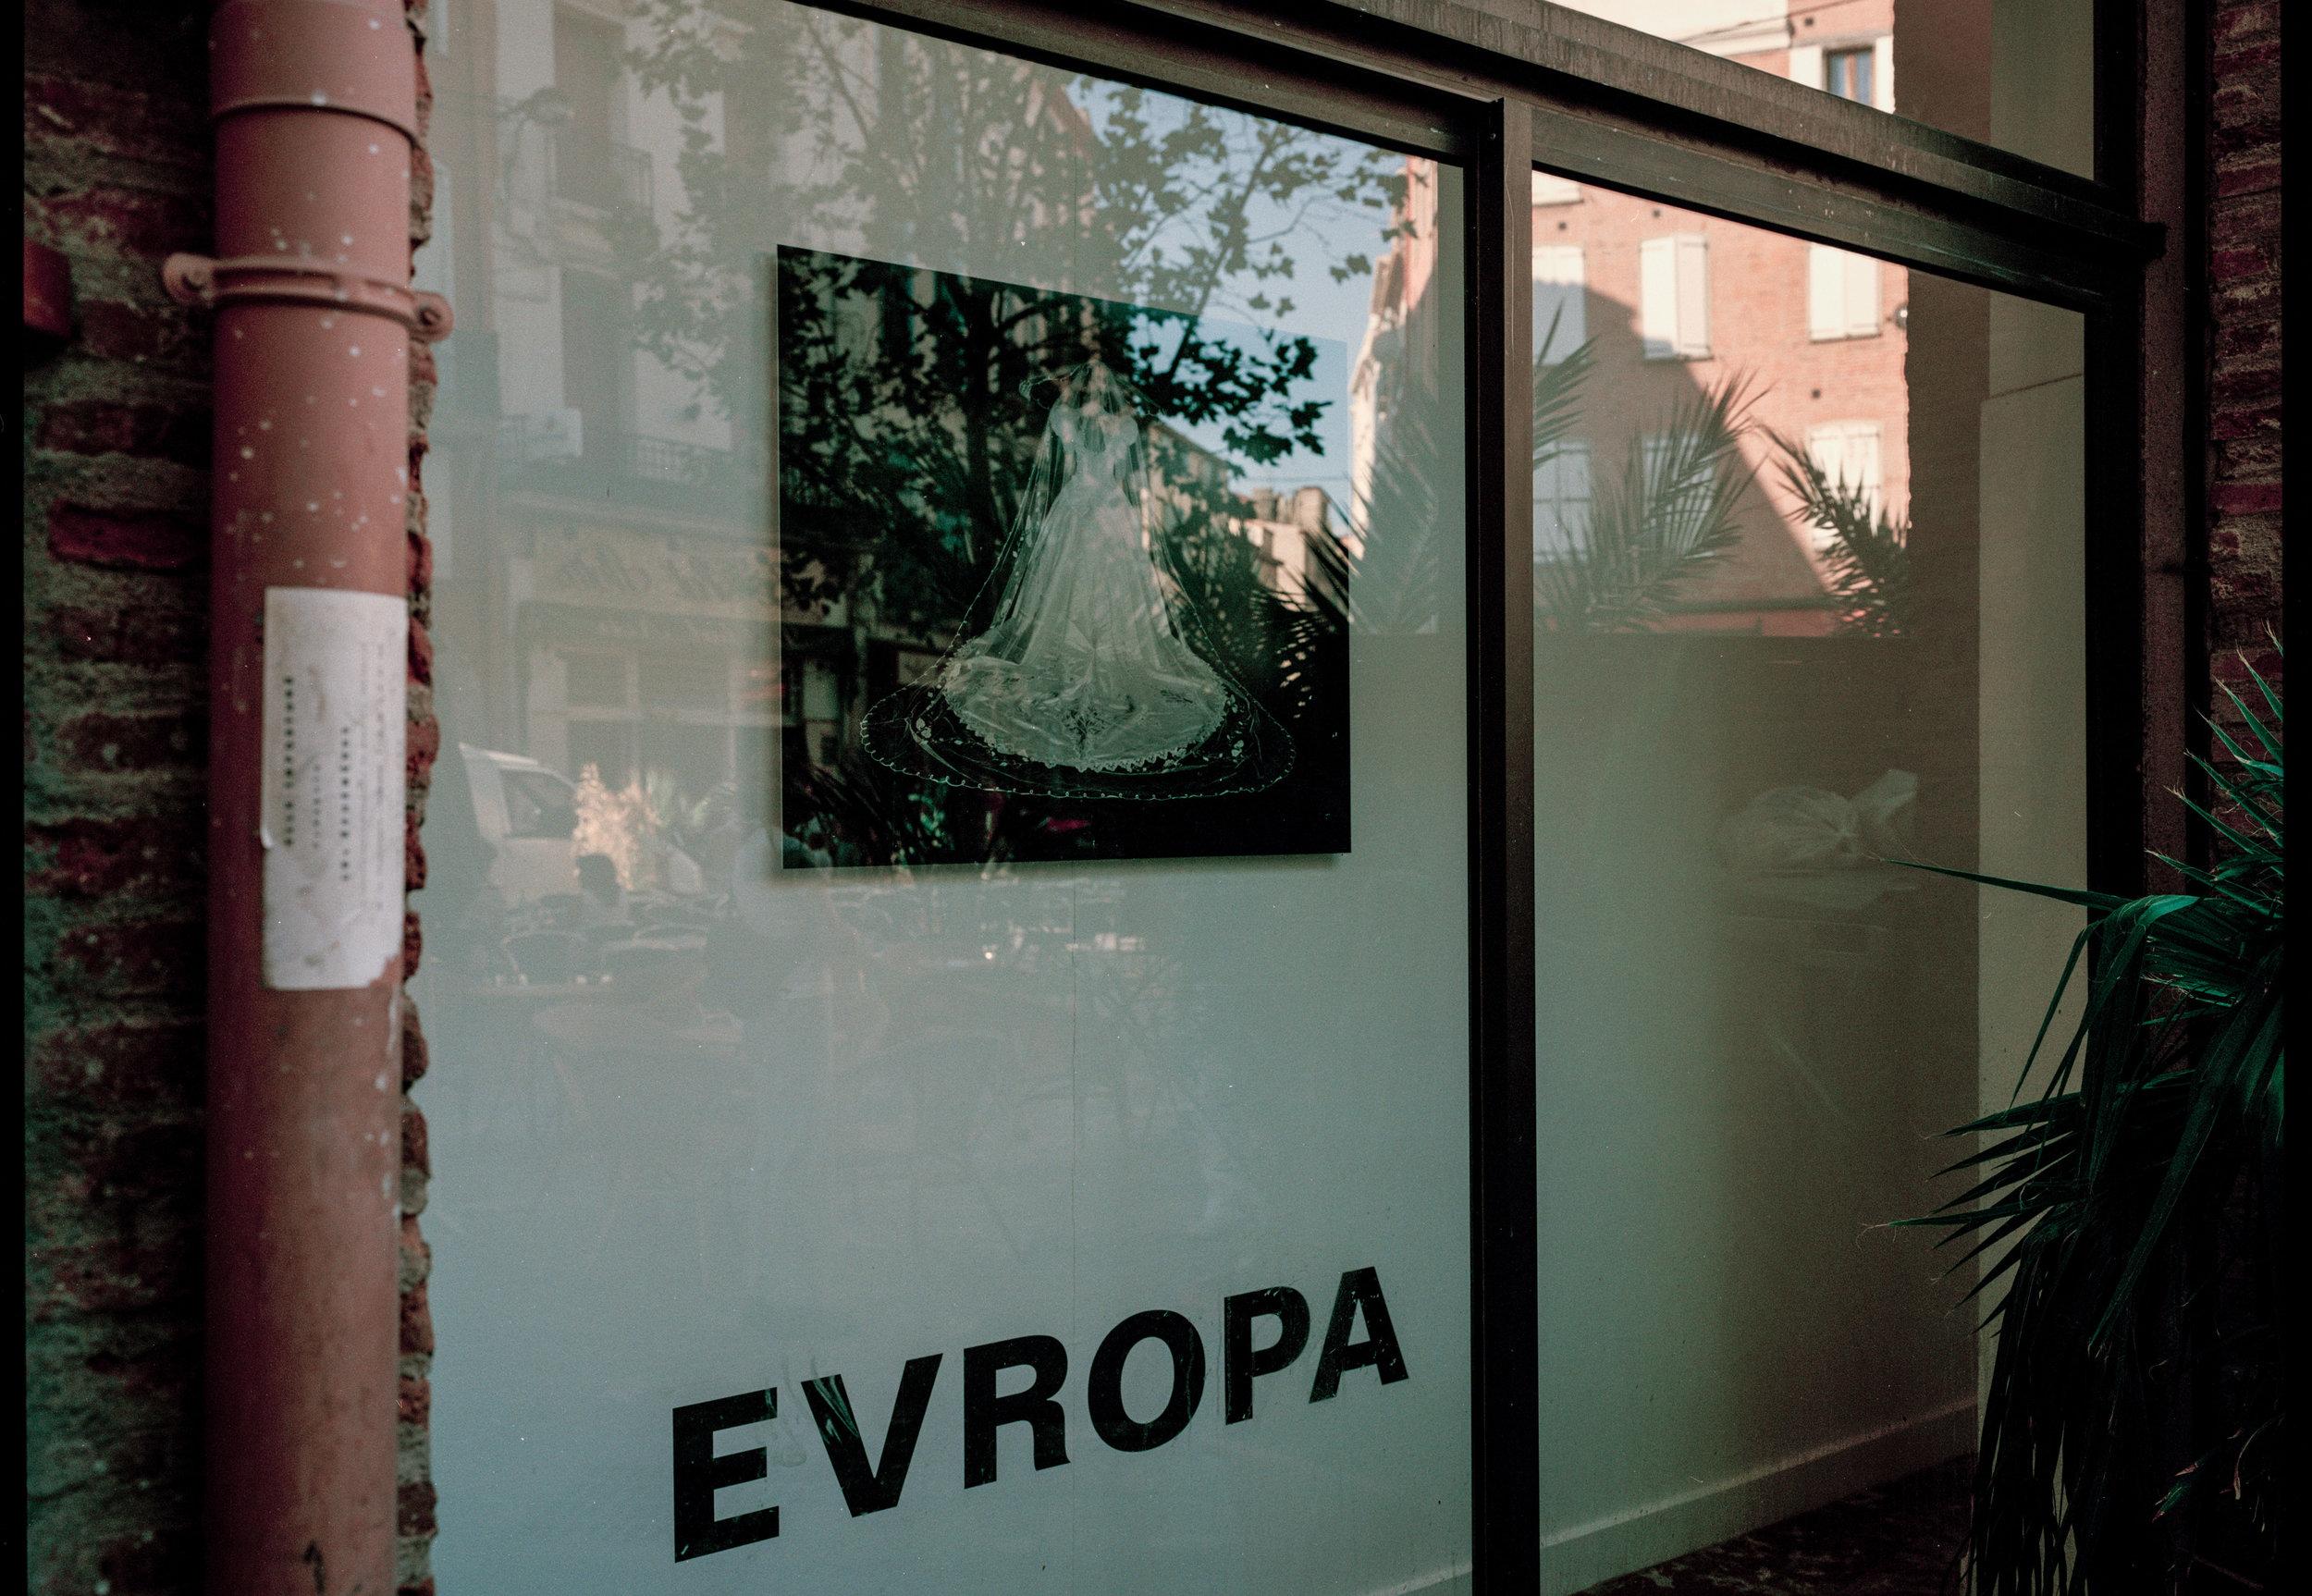 24-06-18-neg-kleur-expo-Europa-5 001.jpg